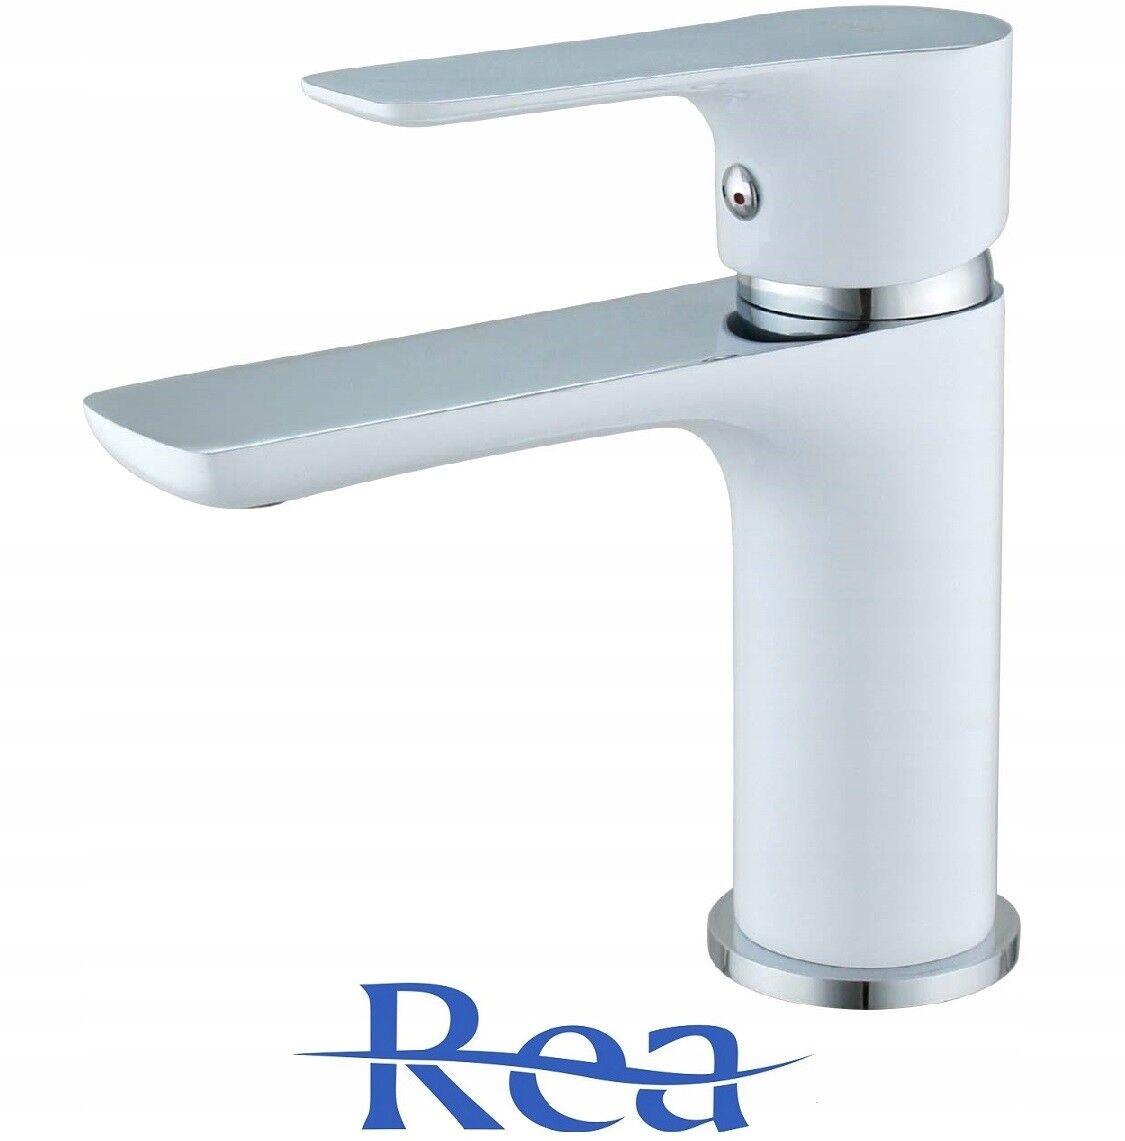 Waschtisch Wasserhahn Einhandmischer Armatur REA SKY 3 FARBEN | Online-Exportgeschäft  | Mode-Muster  | Authentisch  | Düsseldorf Online Shop